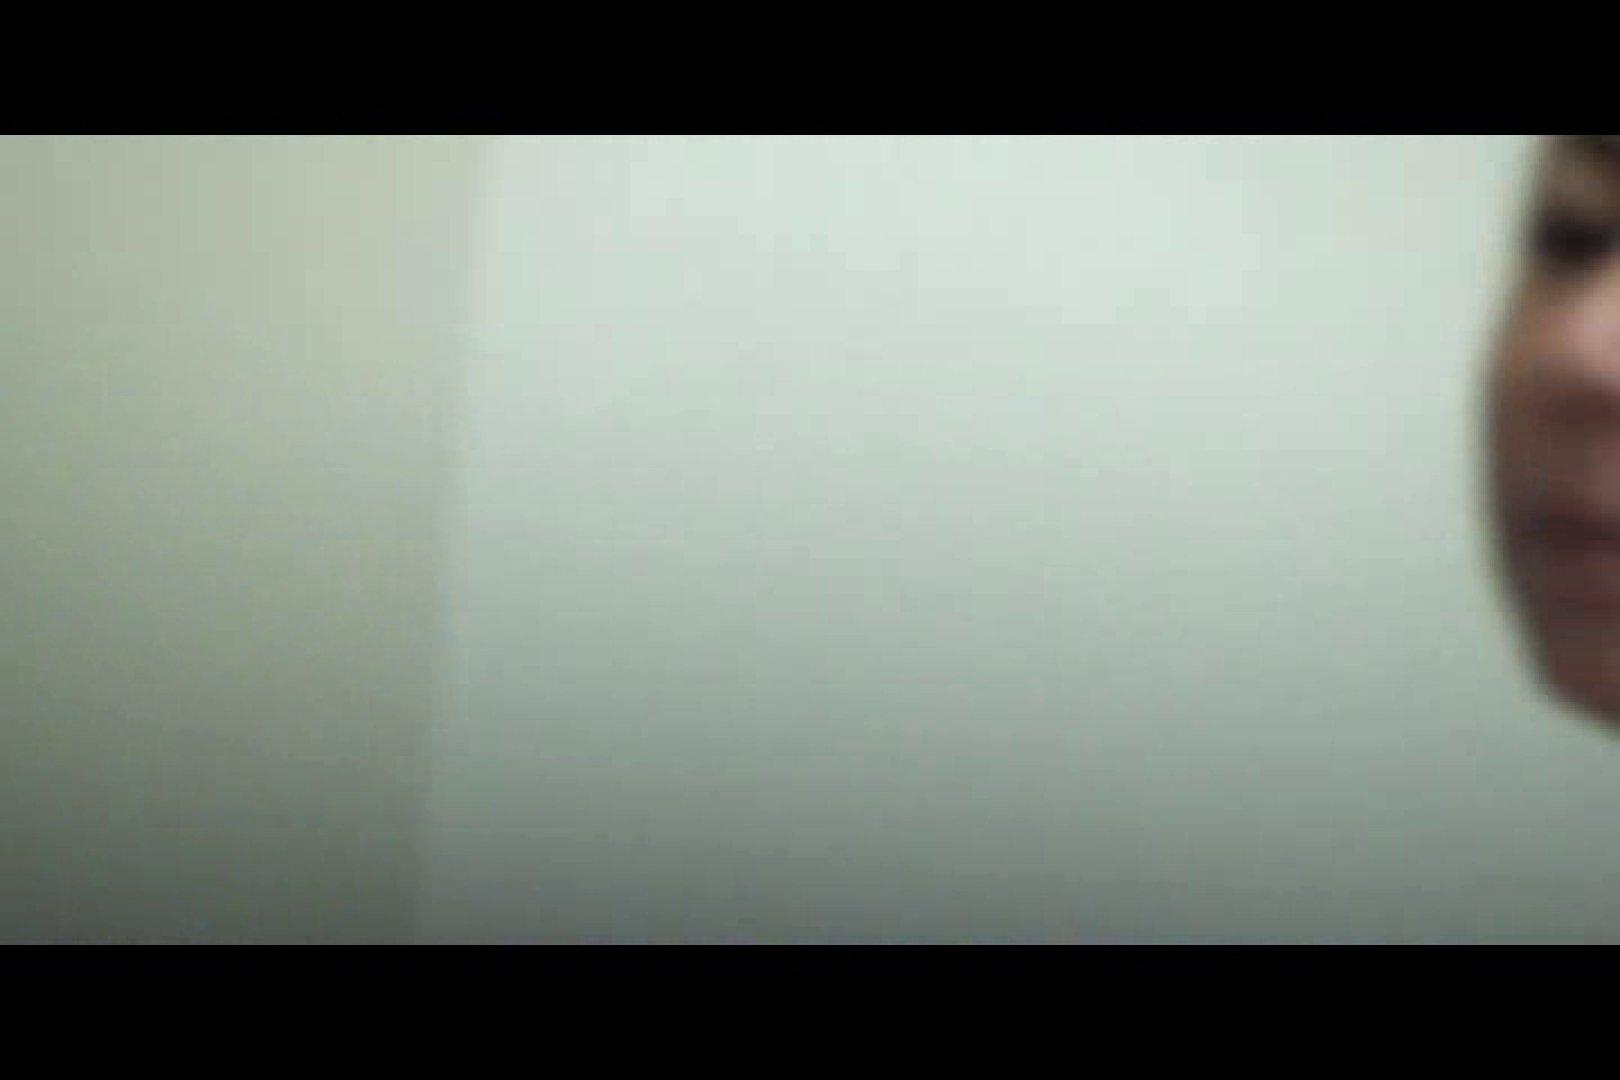 独占配信!無修正! 看護女子寮 vol.08 ナースのエロ動画 ヌード画像 113PIX 52